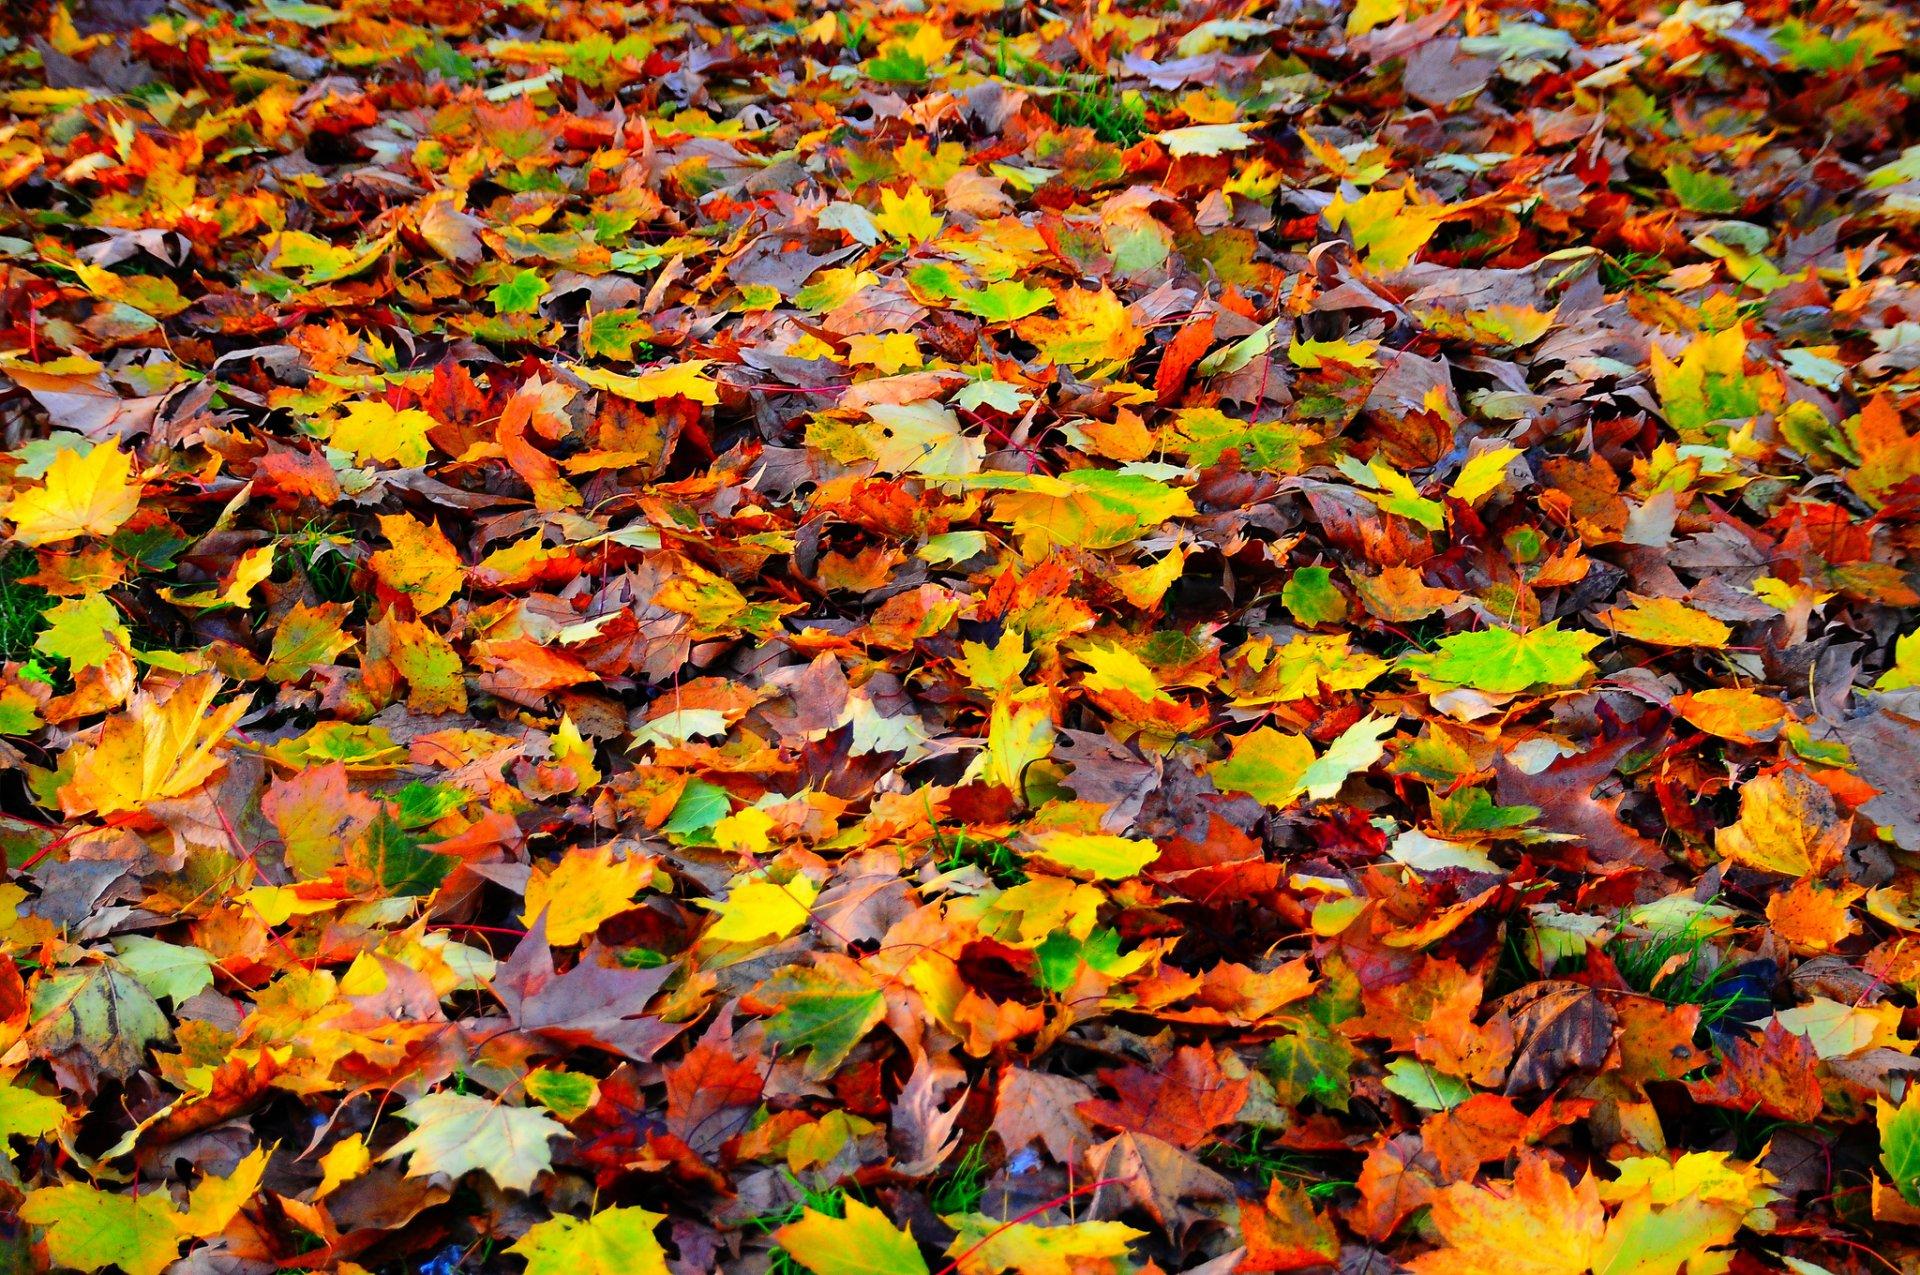 картинки земля покрытая осенними листьями всё